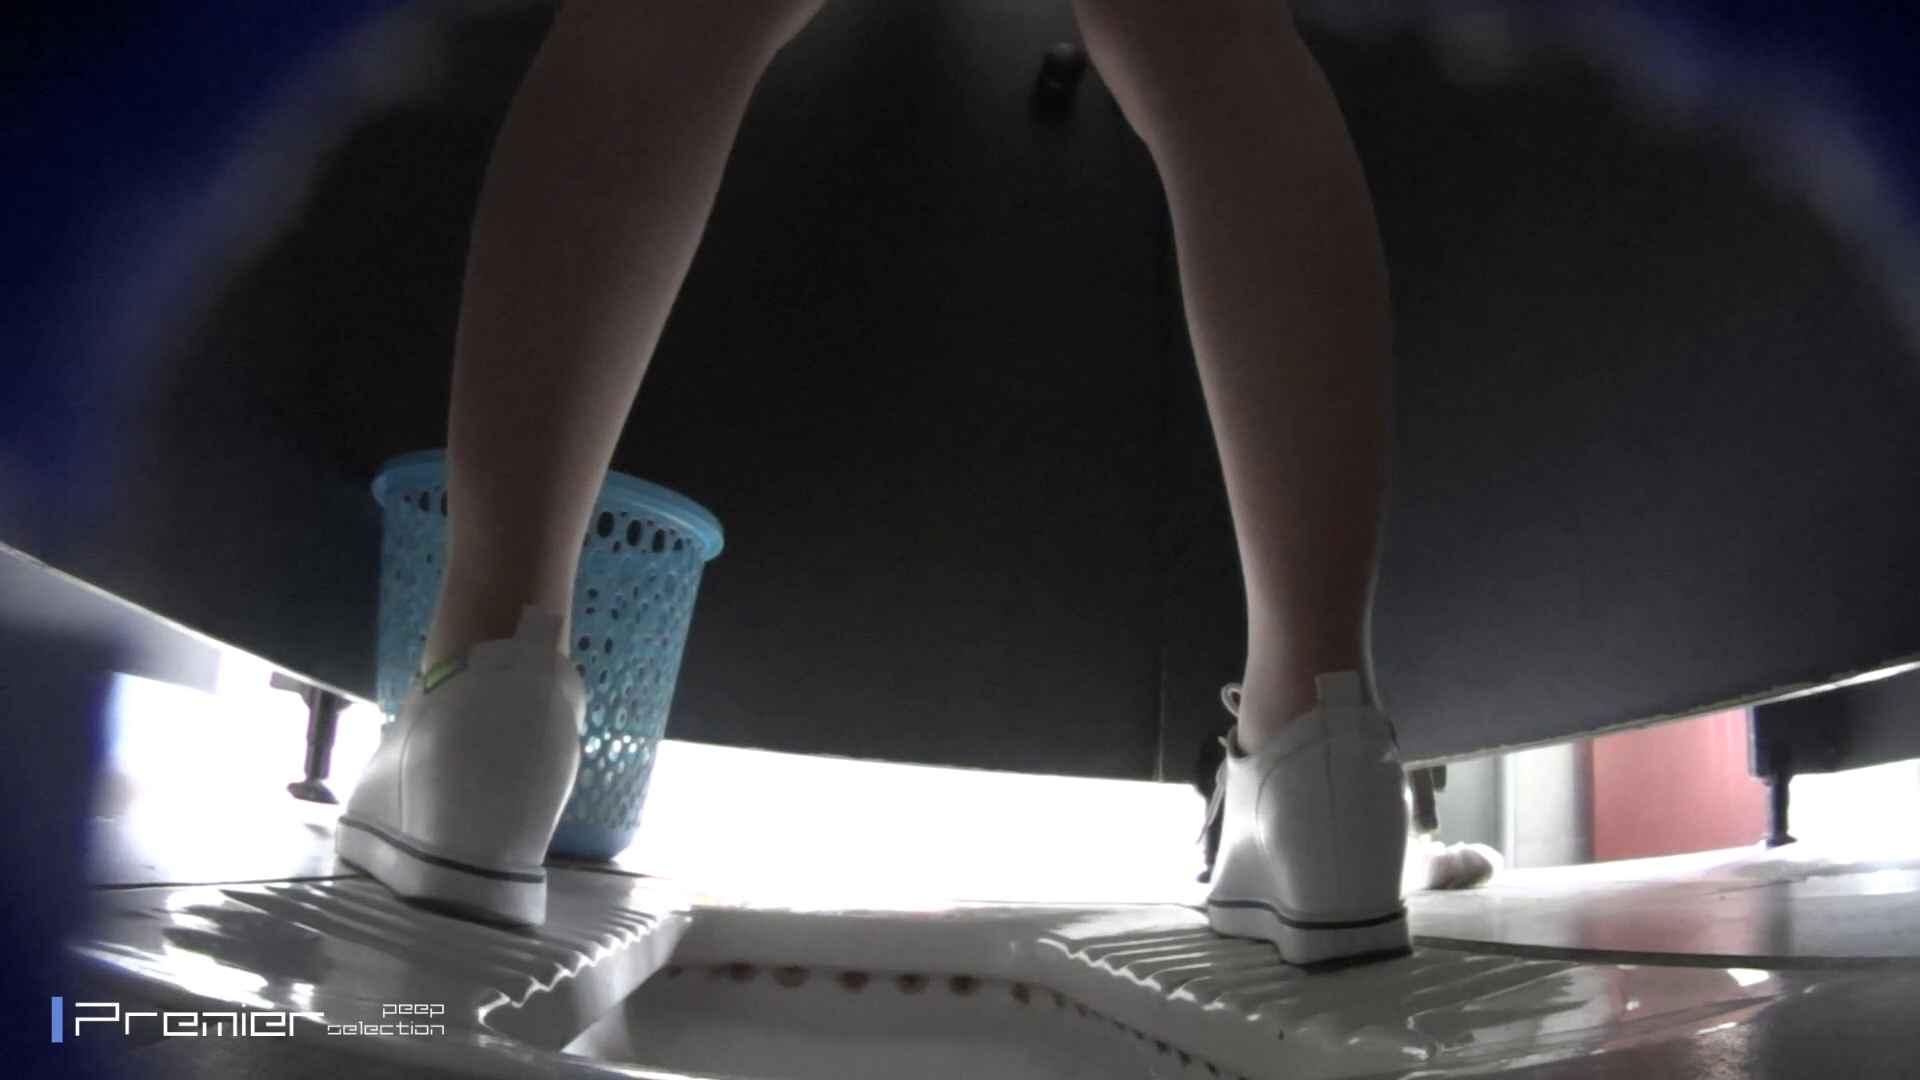 清楚なJDトイレ盗撮 大学休憩時間の洗面所事情41 エッチすぎる美女 すけべAV動画紹介 85連発 17